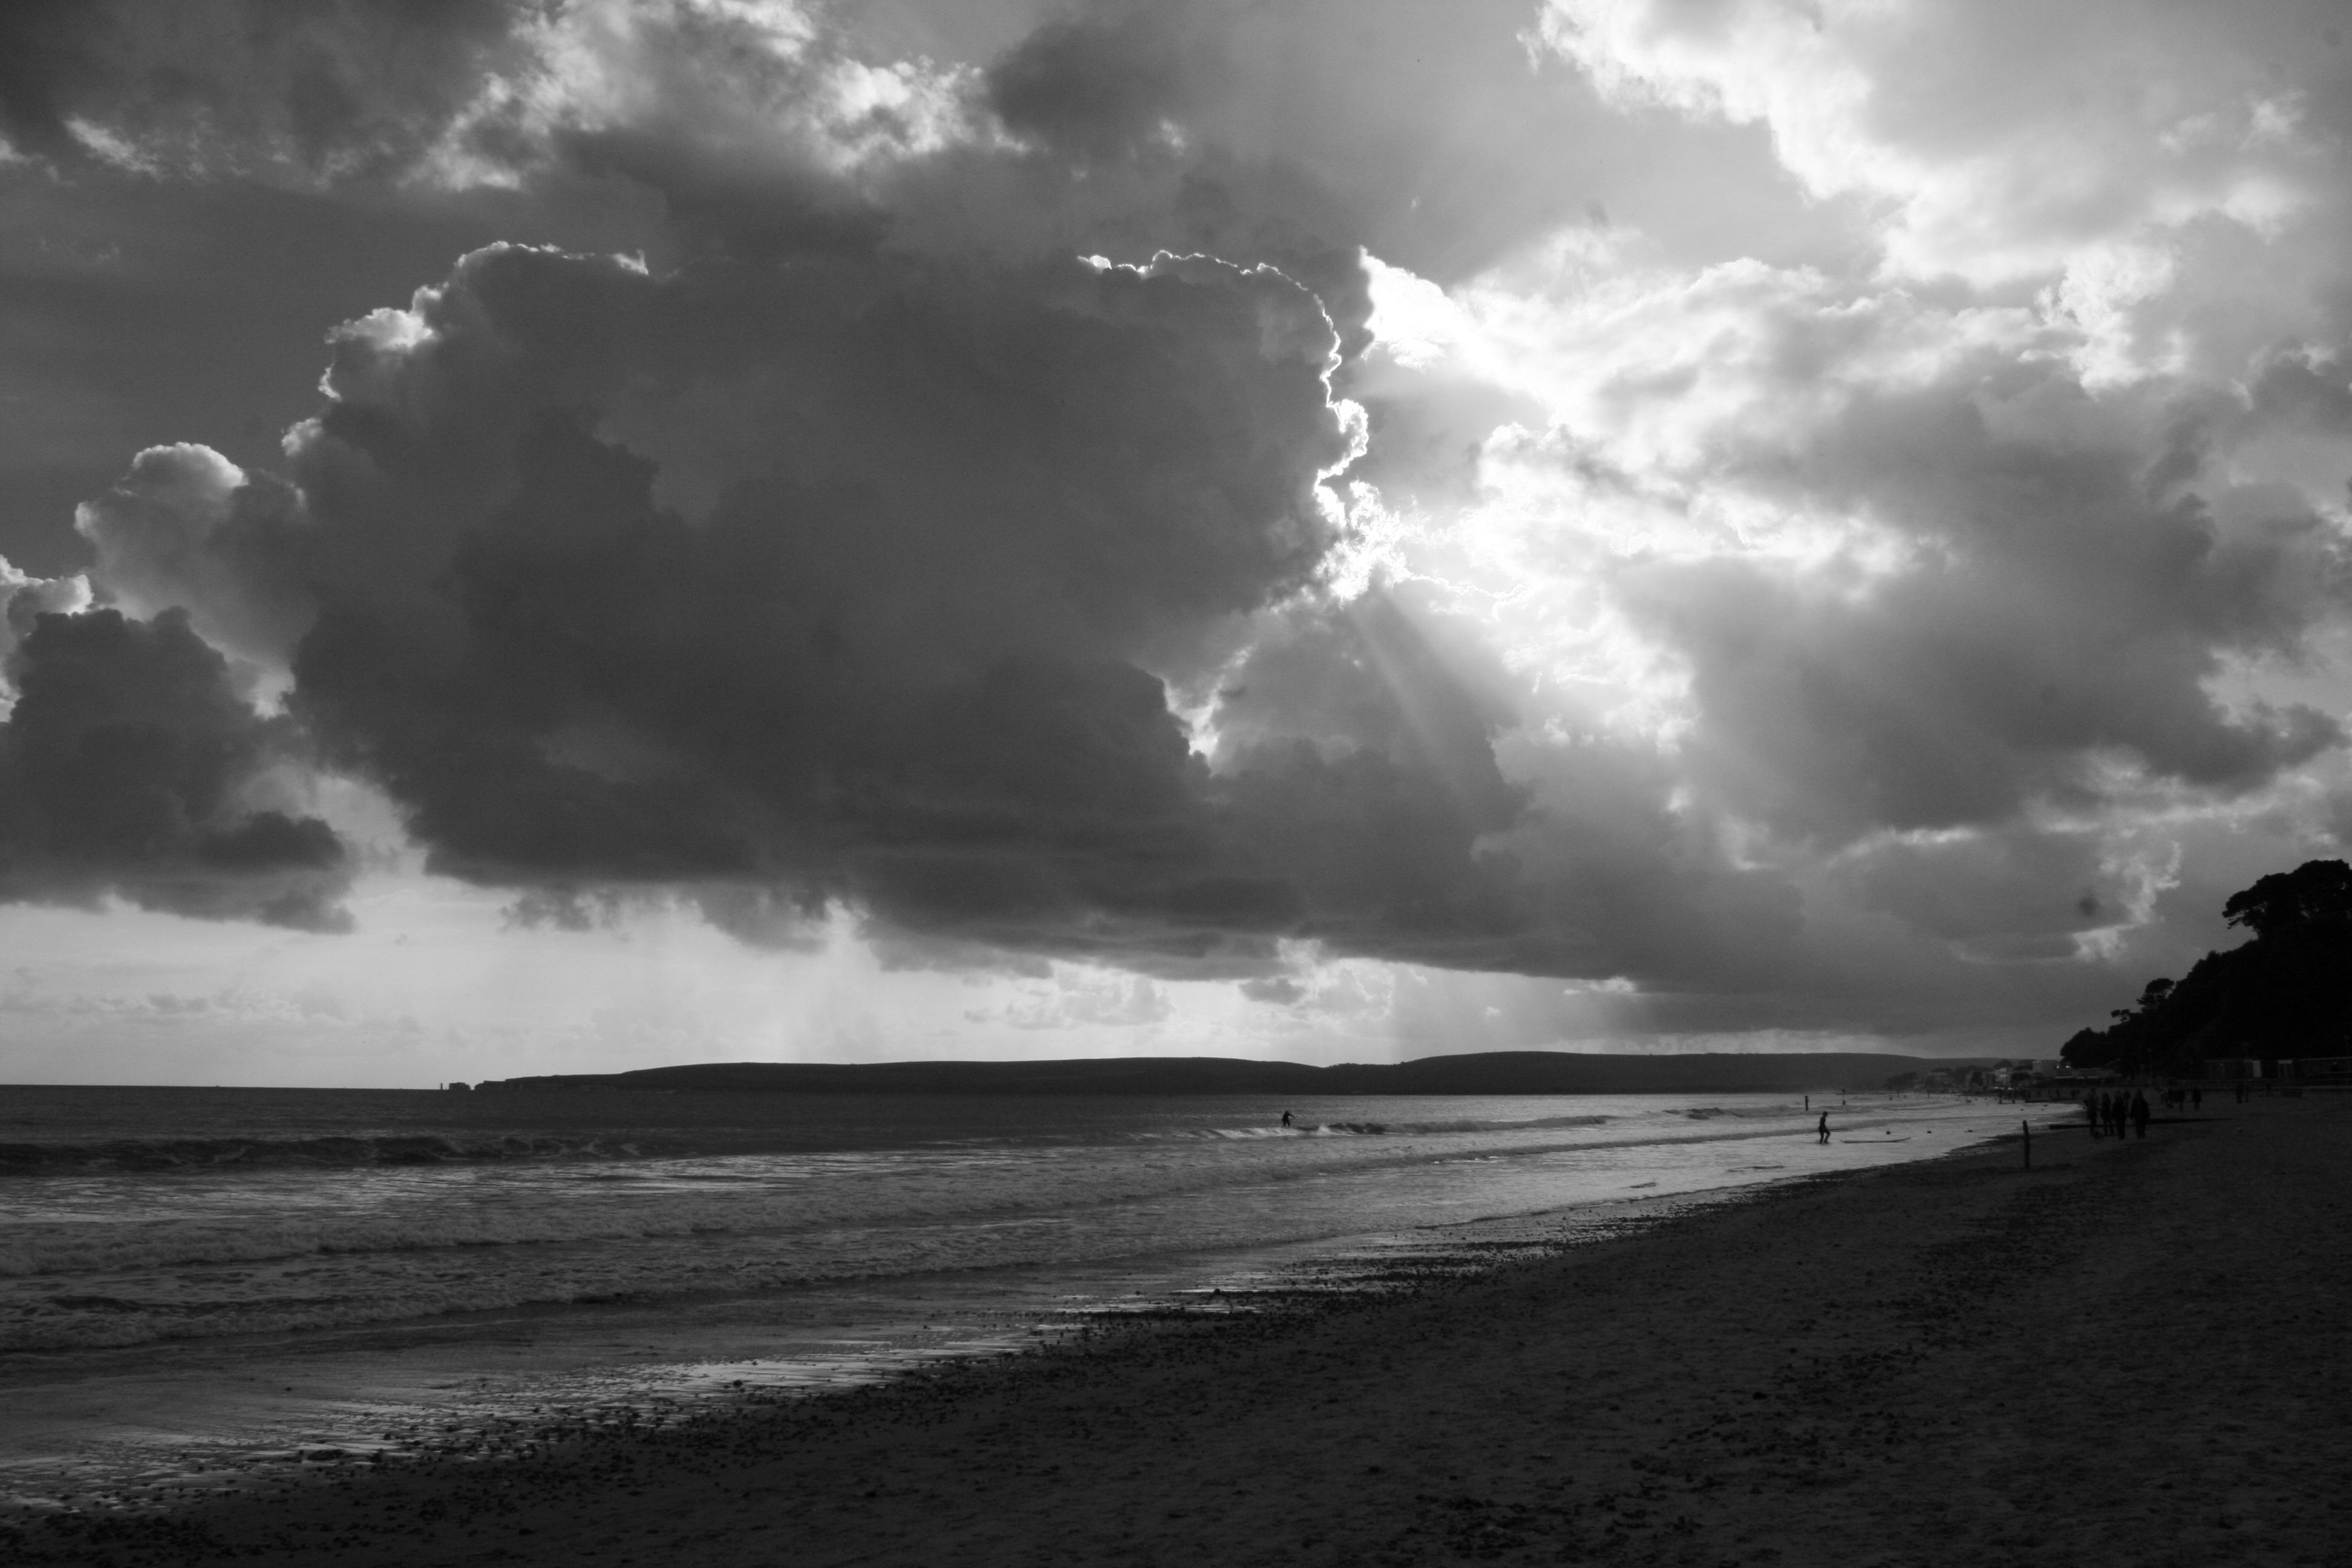 для море с плохой погодой картинка секрет, что